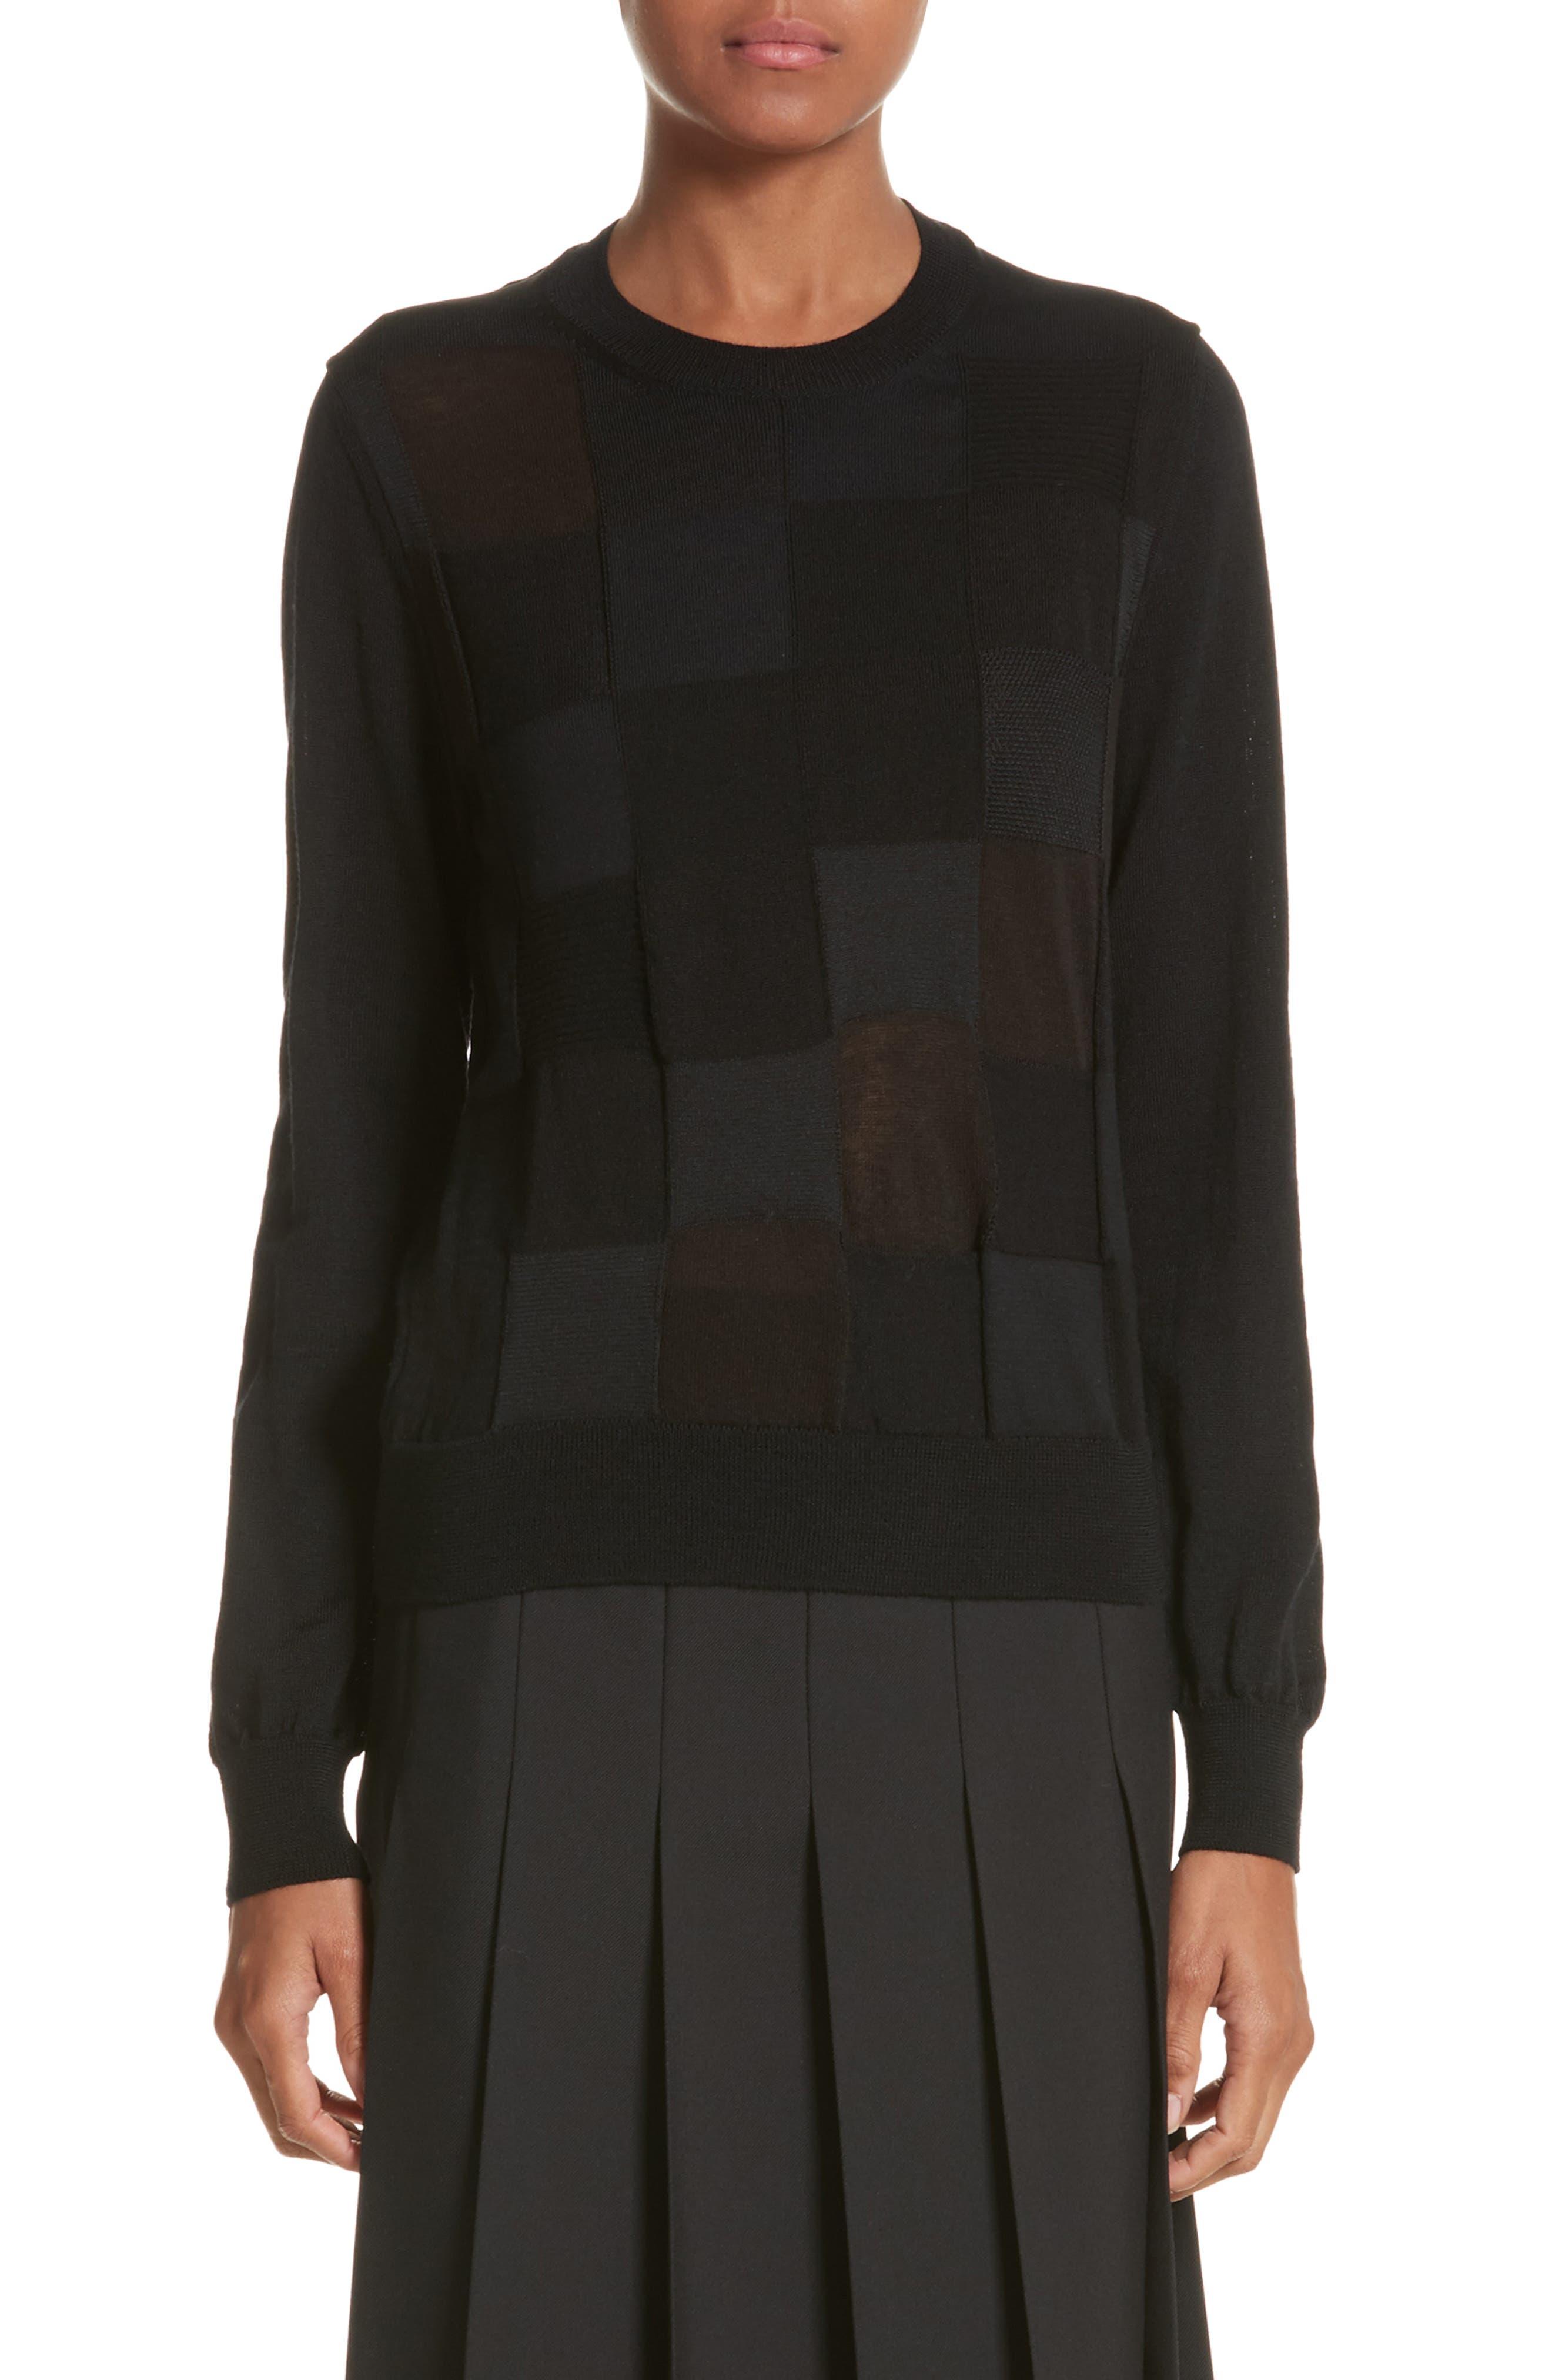 Comme des Garçons Checkered Knit Sweater